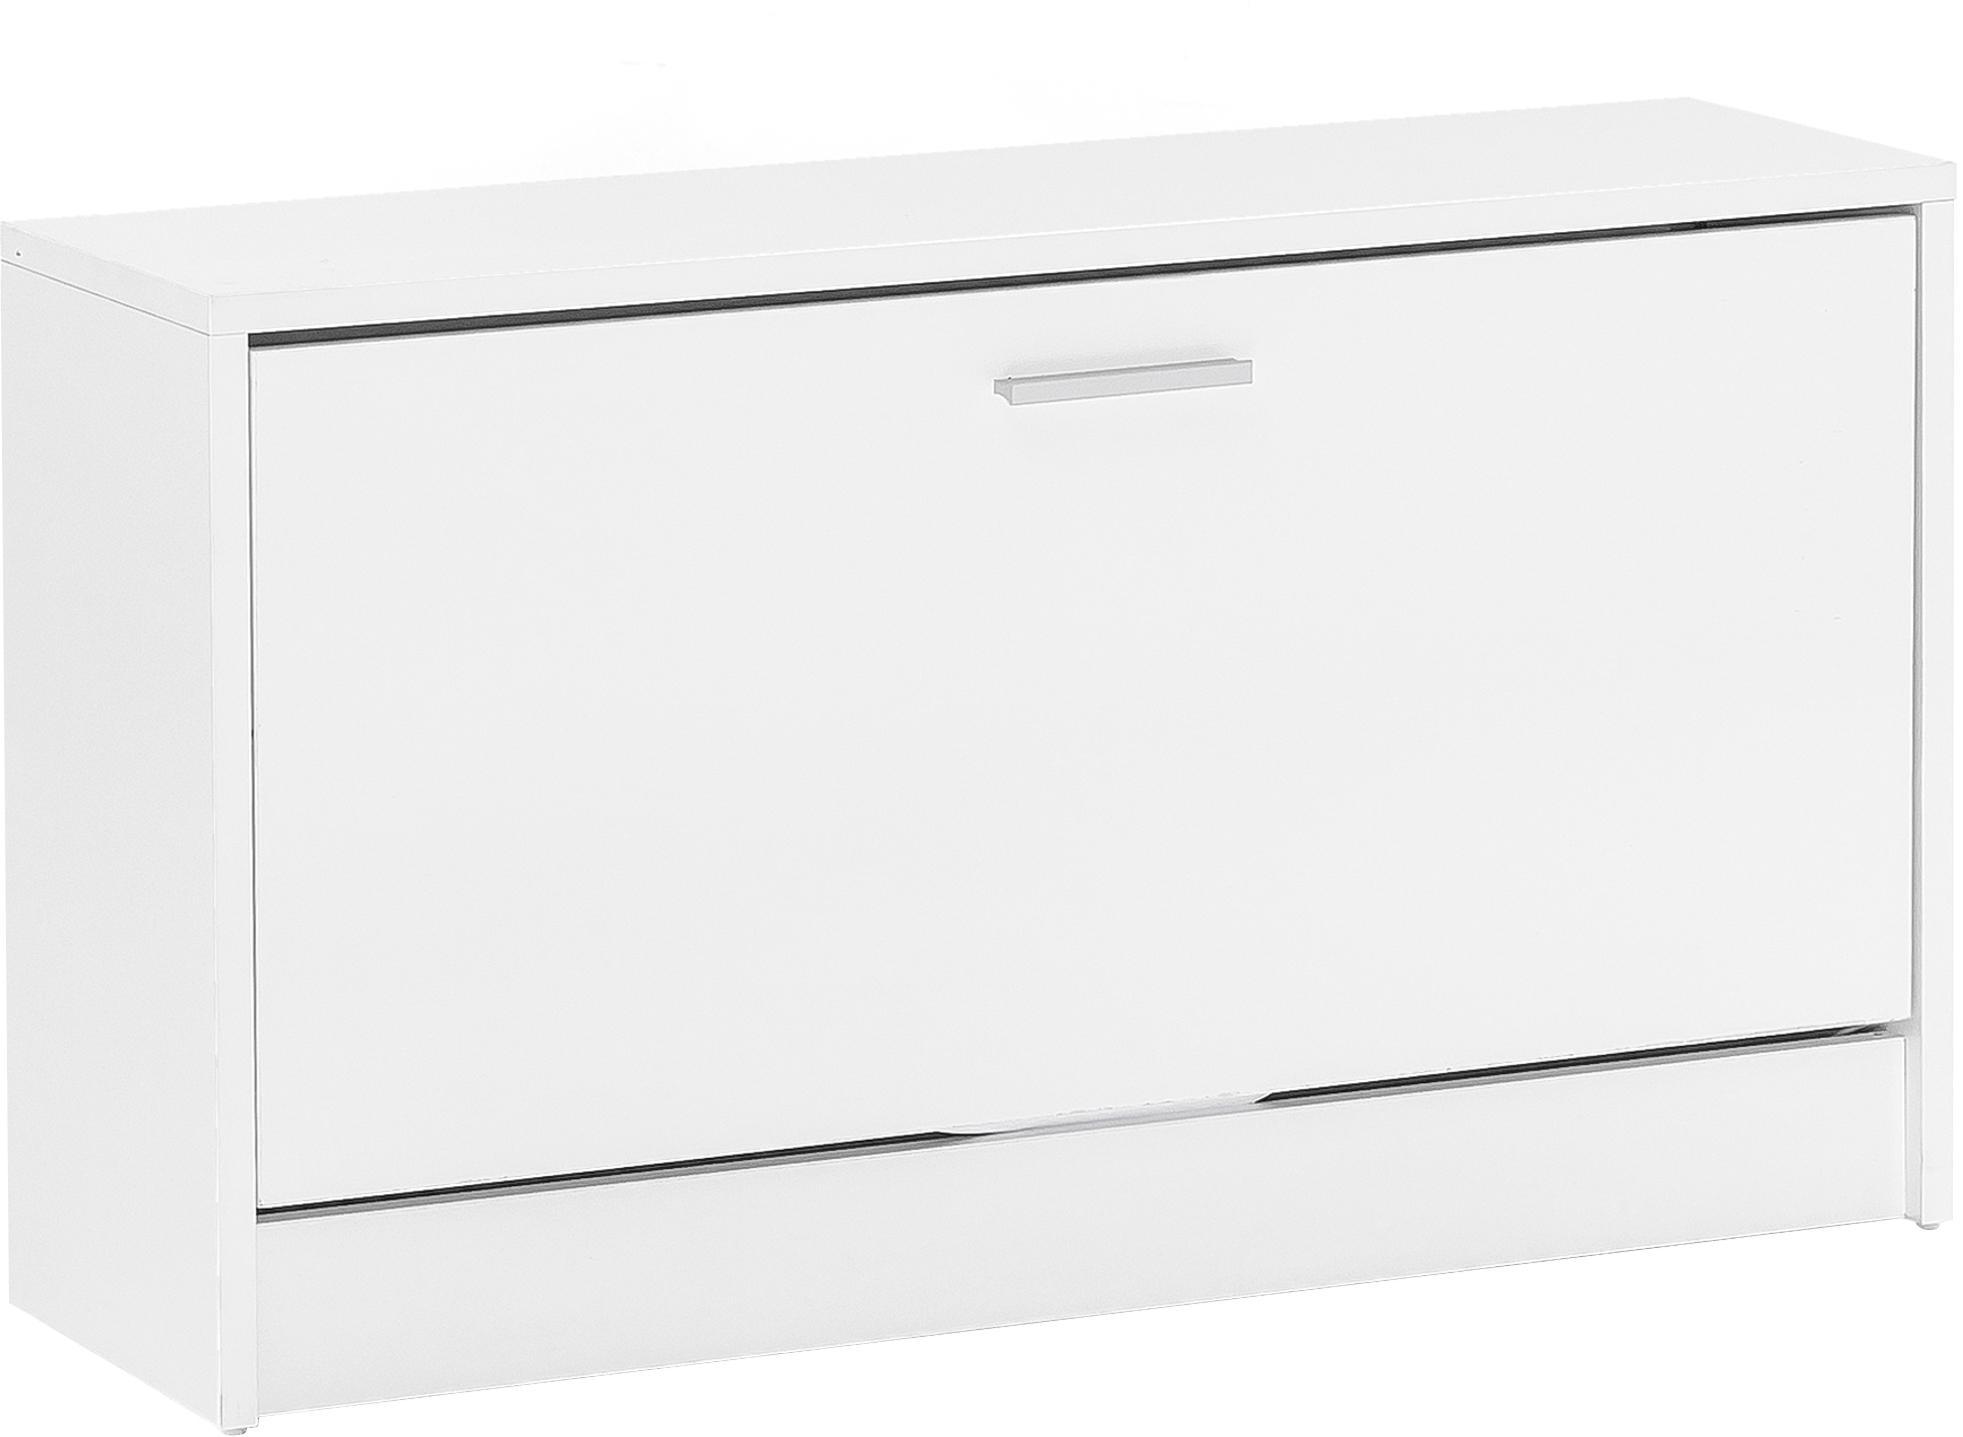 Schoenenkast Zoey uitklapbaar, Melamine gecoate spaanplaat, Wit, 80 x 47 cm